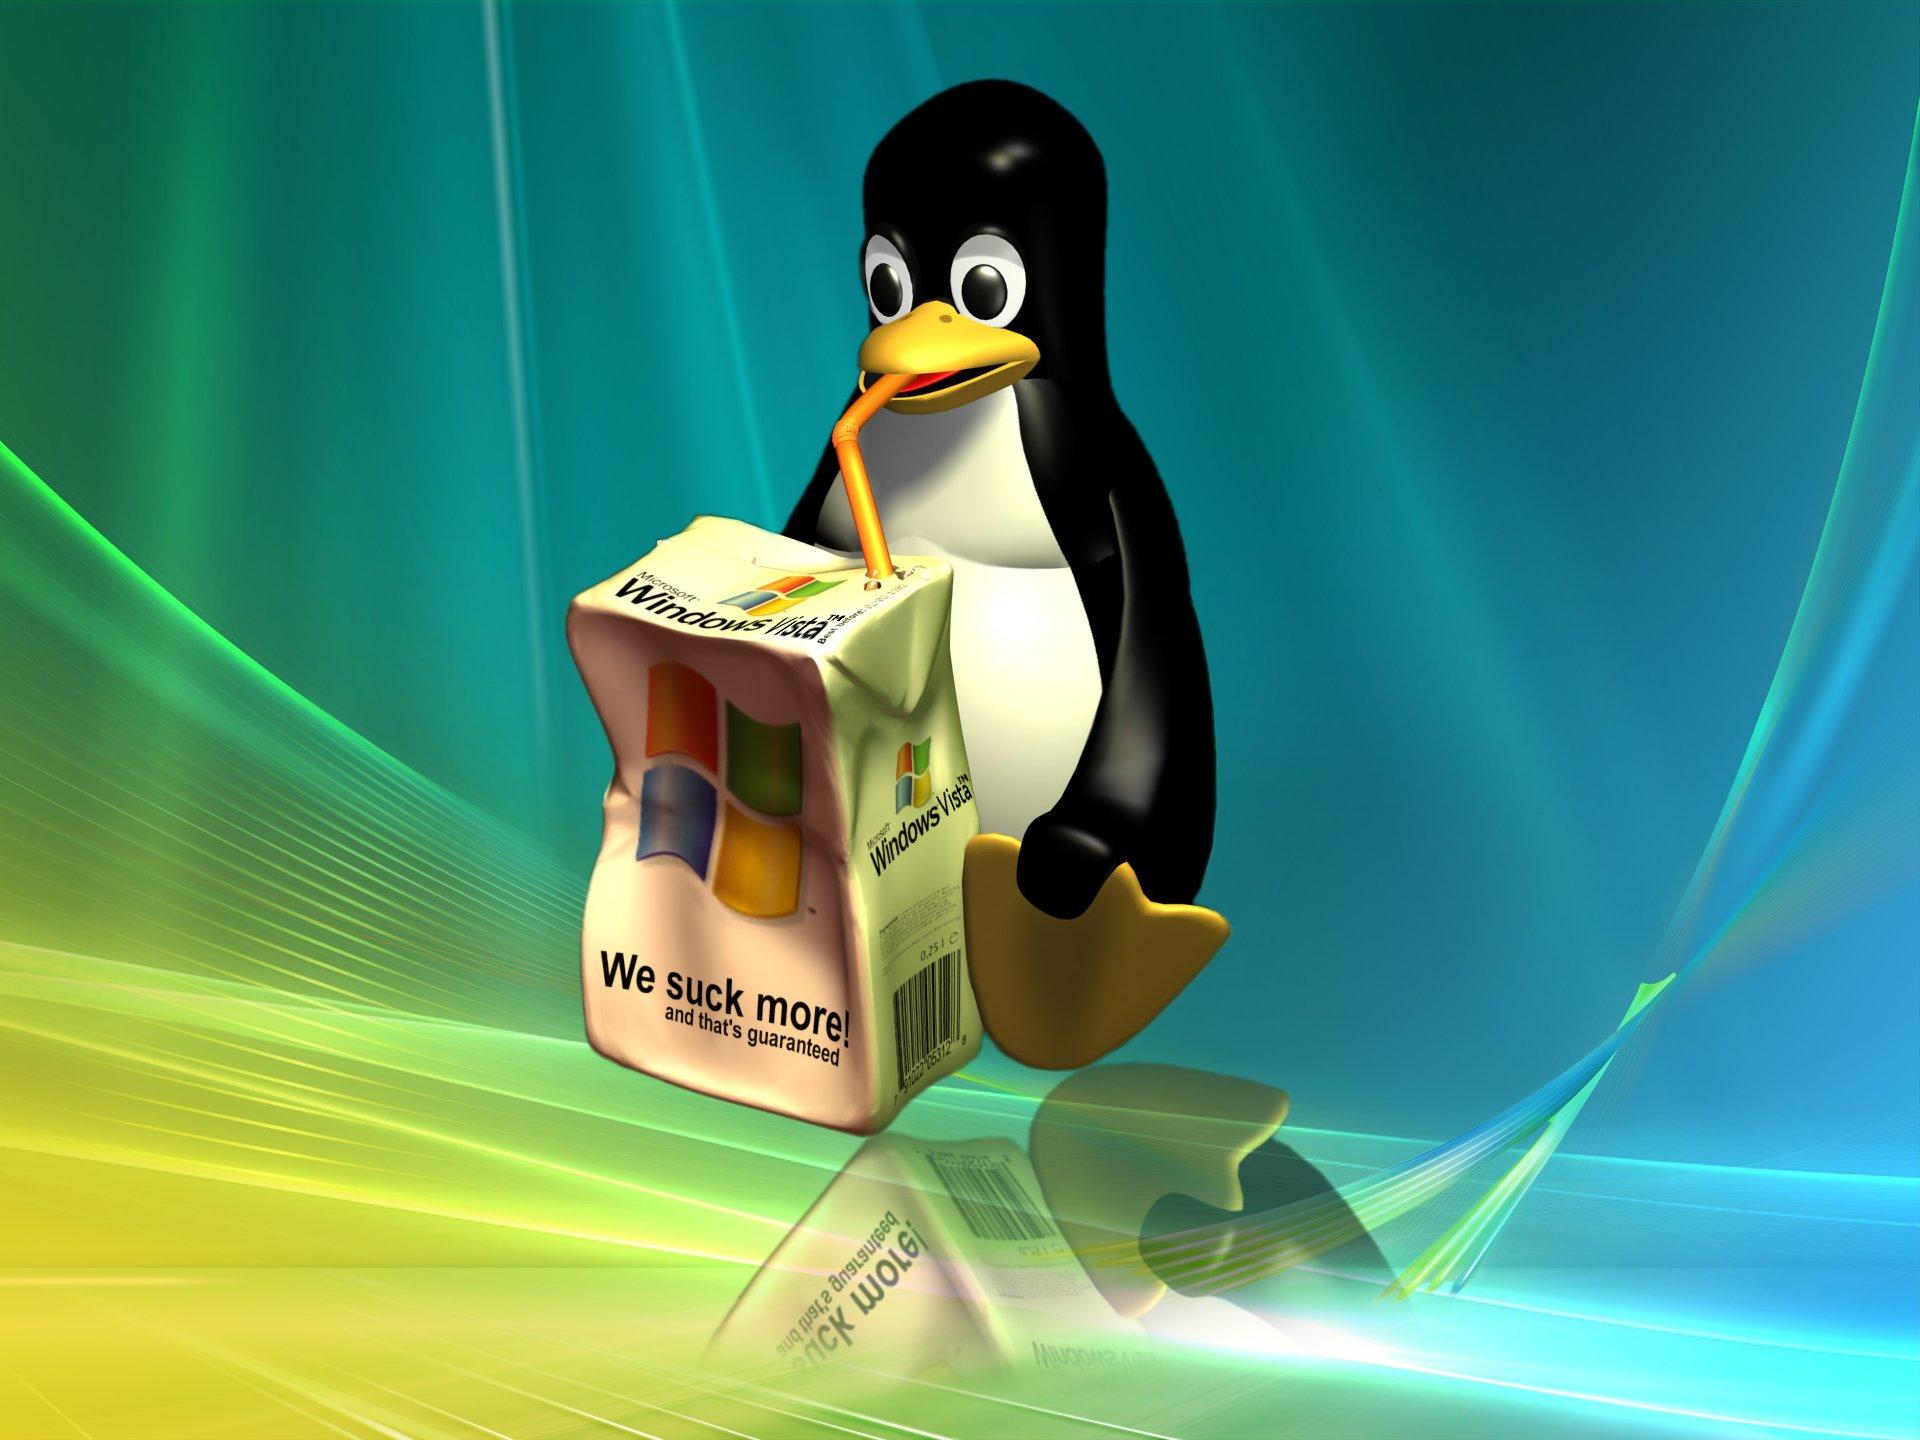 Wallpaper downloads PC wallpaper Linux Penguin sucking a Windows 1920x1440